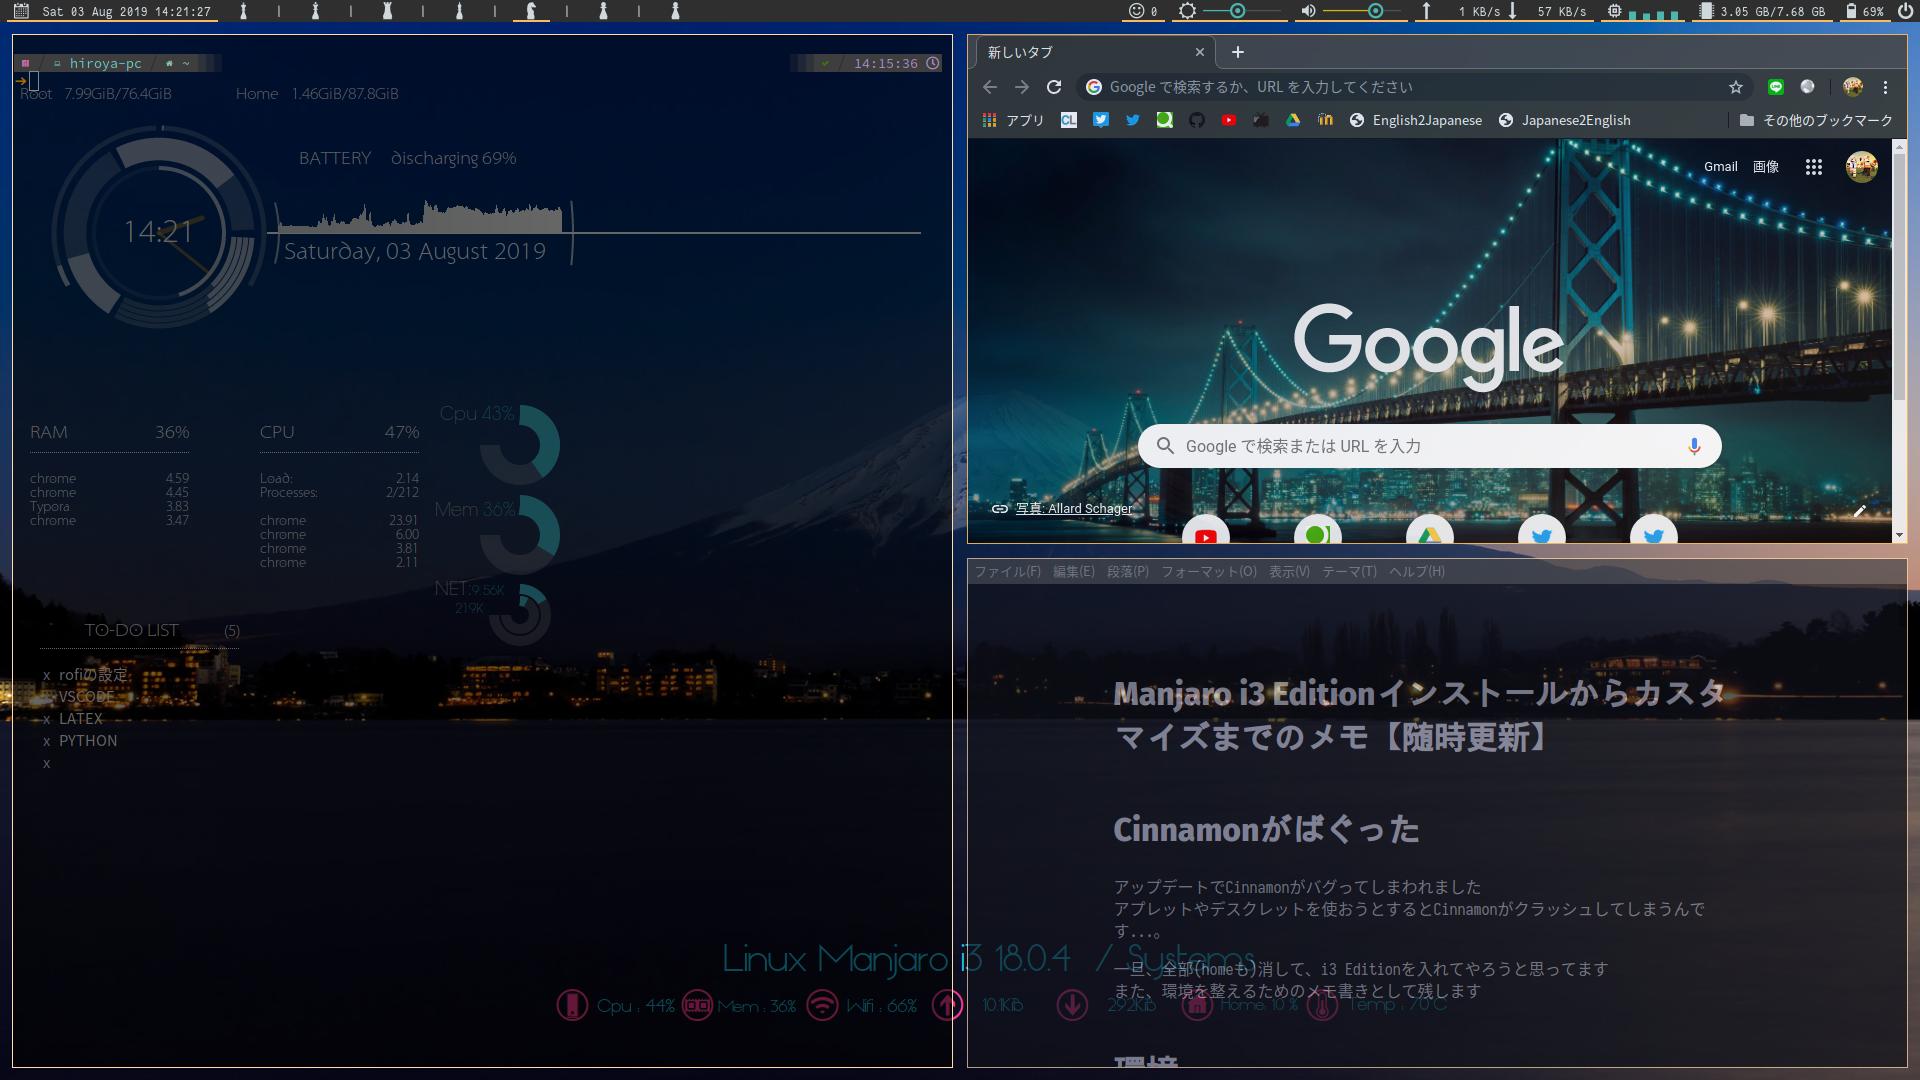 Manjaro i3 Editionインストールからカスタマイズまでのメモ - Qiita